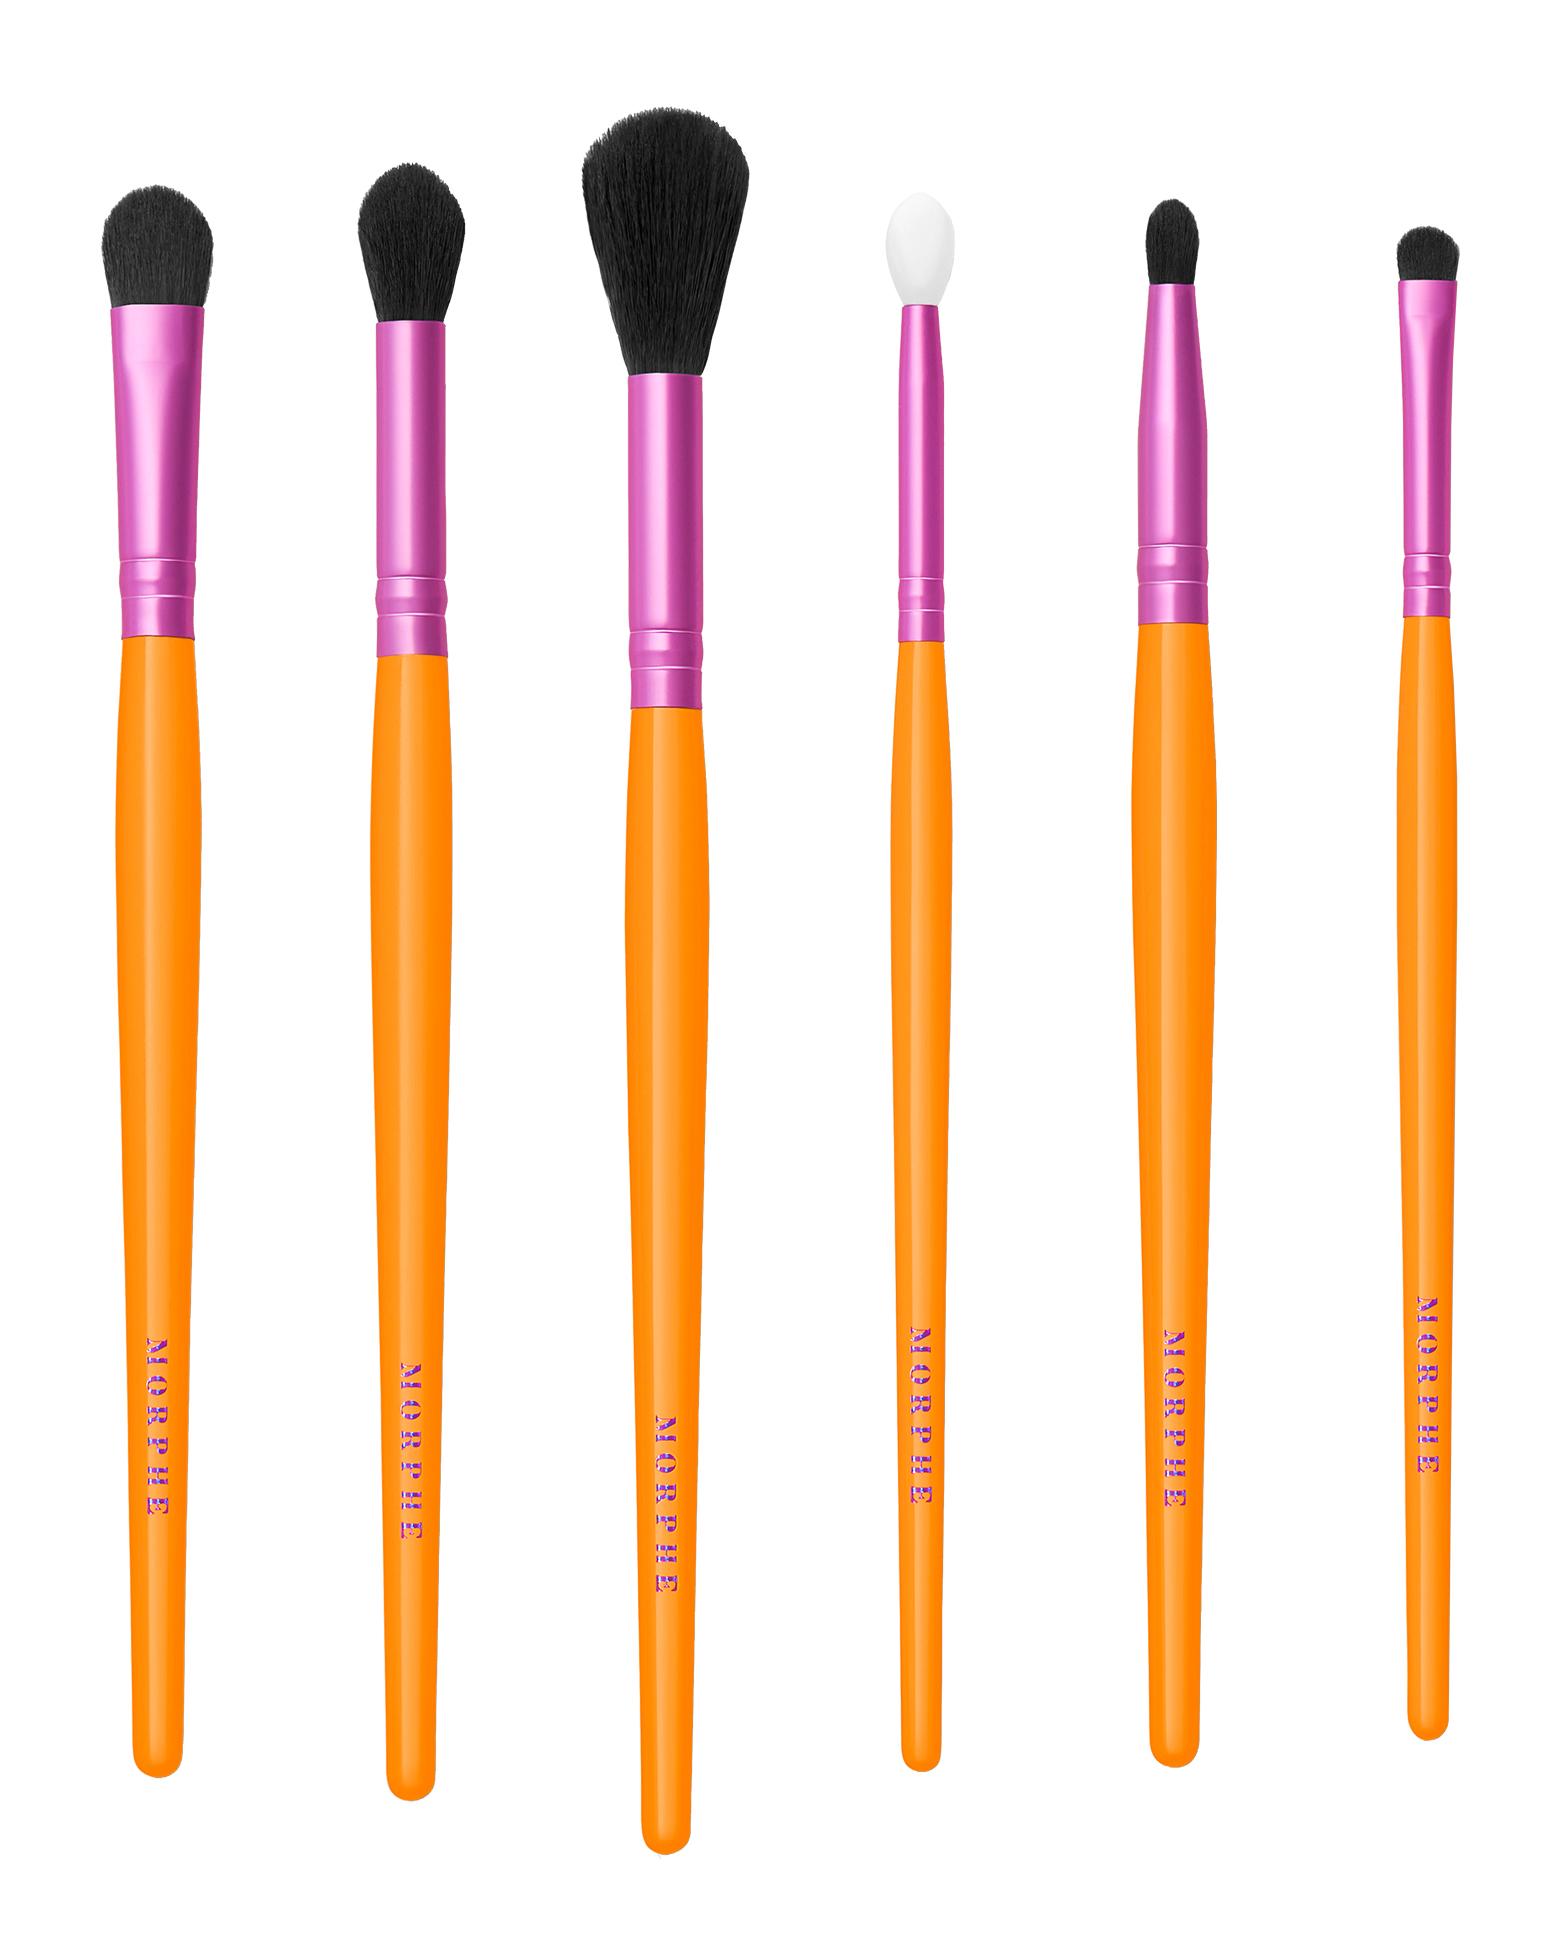 Morphe VIP Sweep By Saweetie 6-Piece Brush